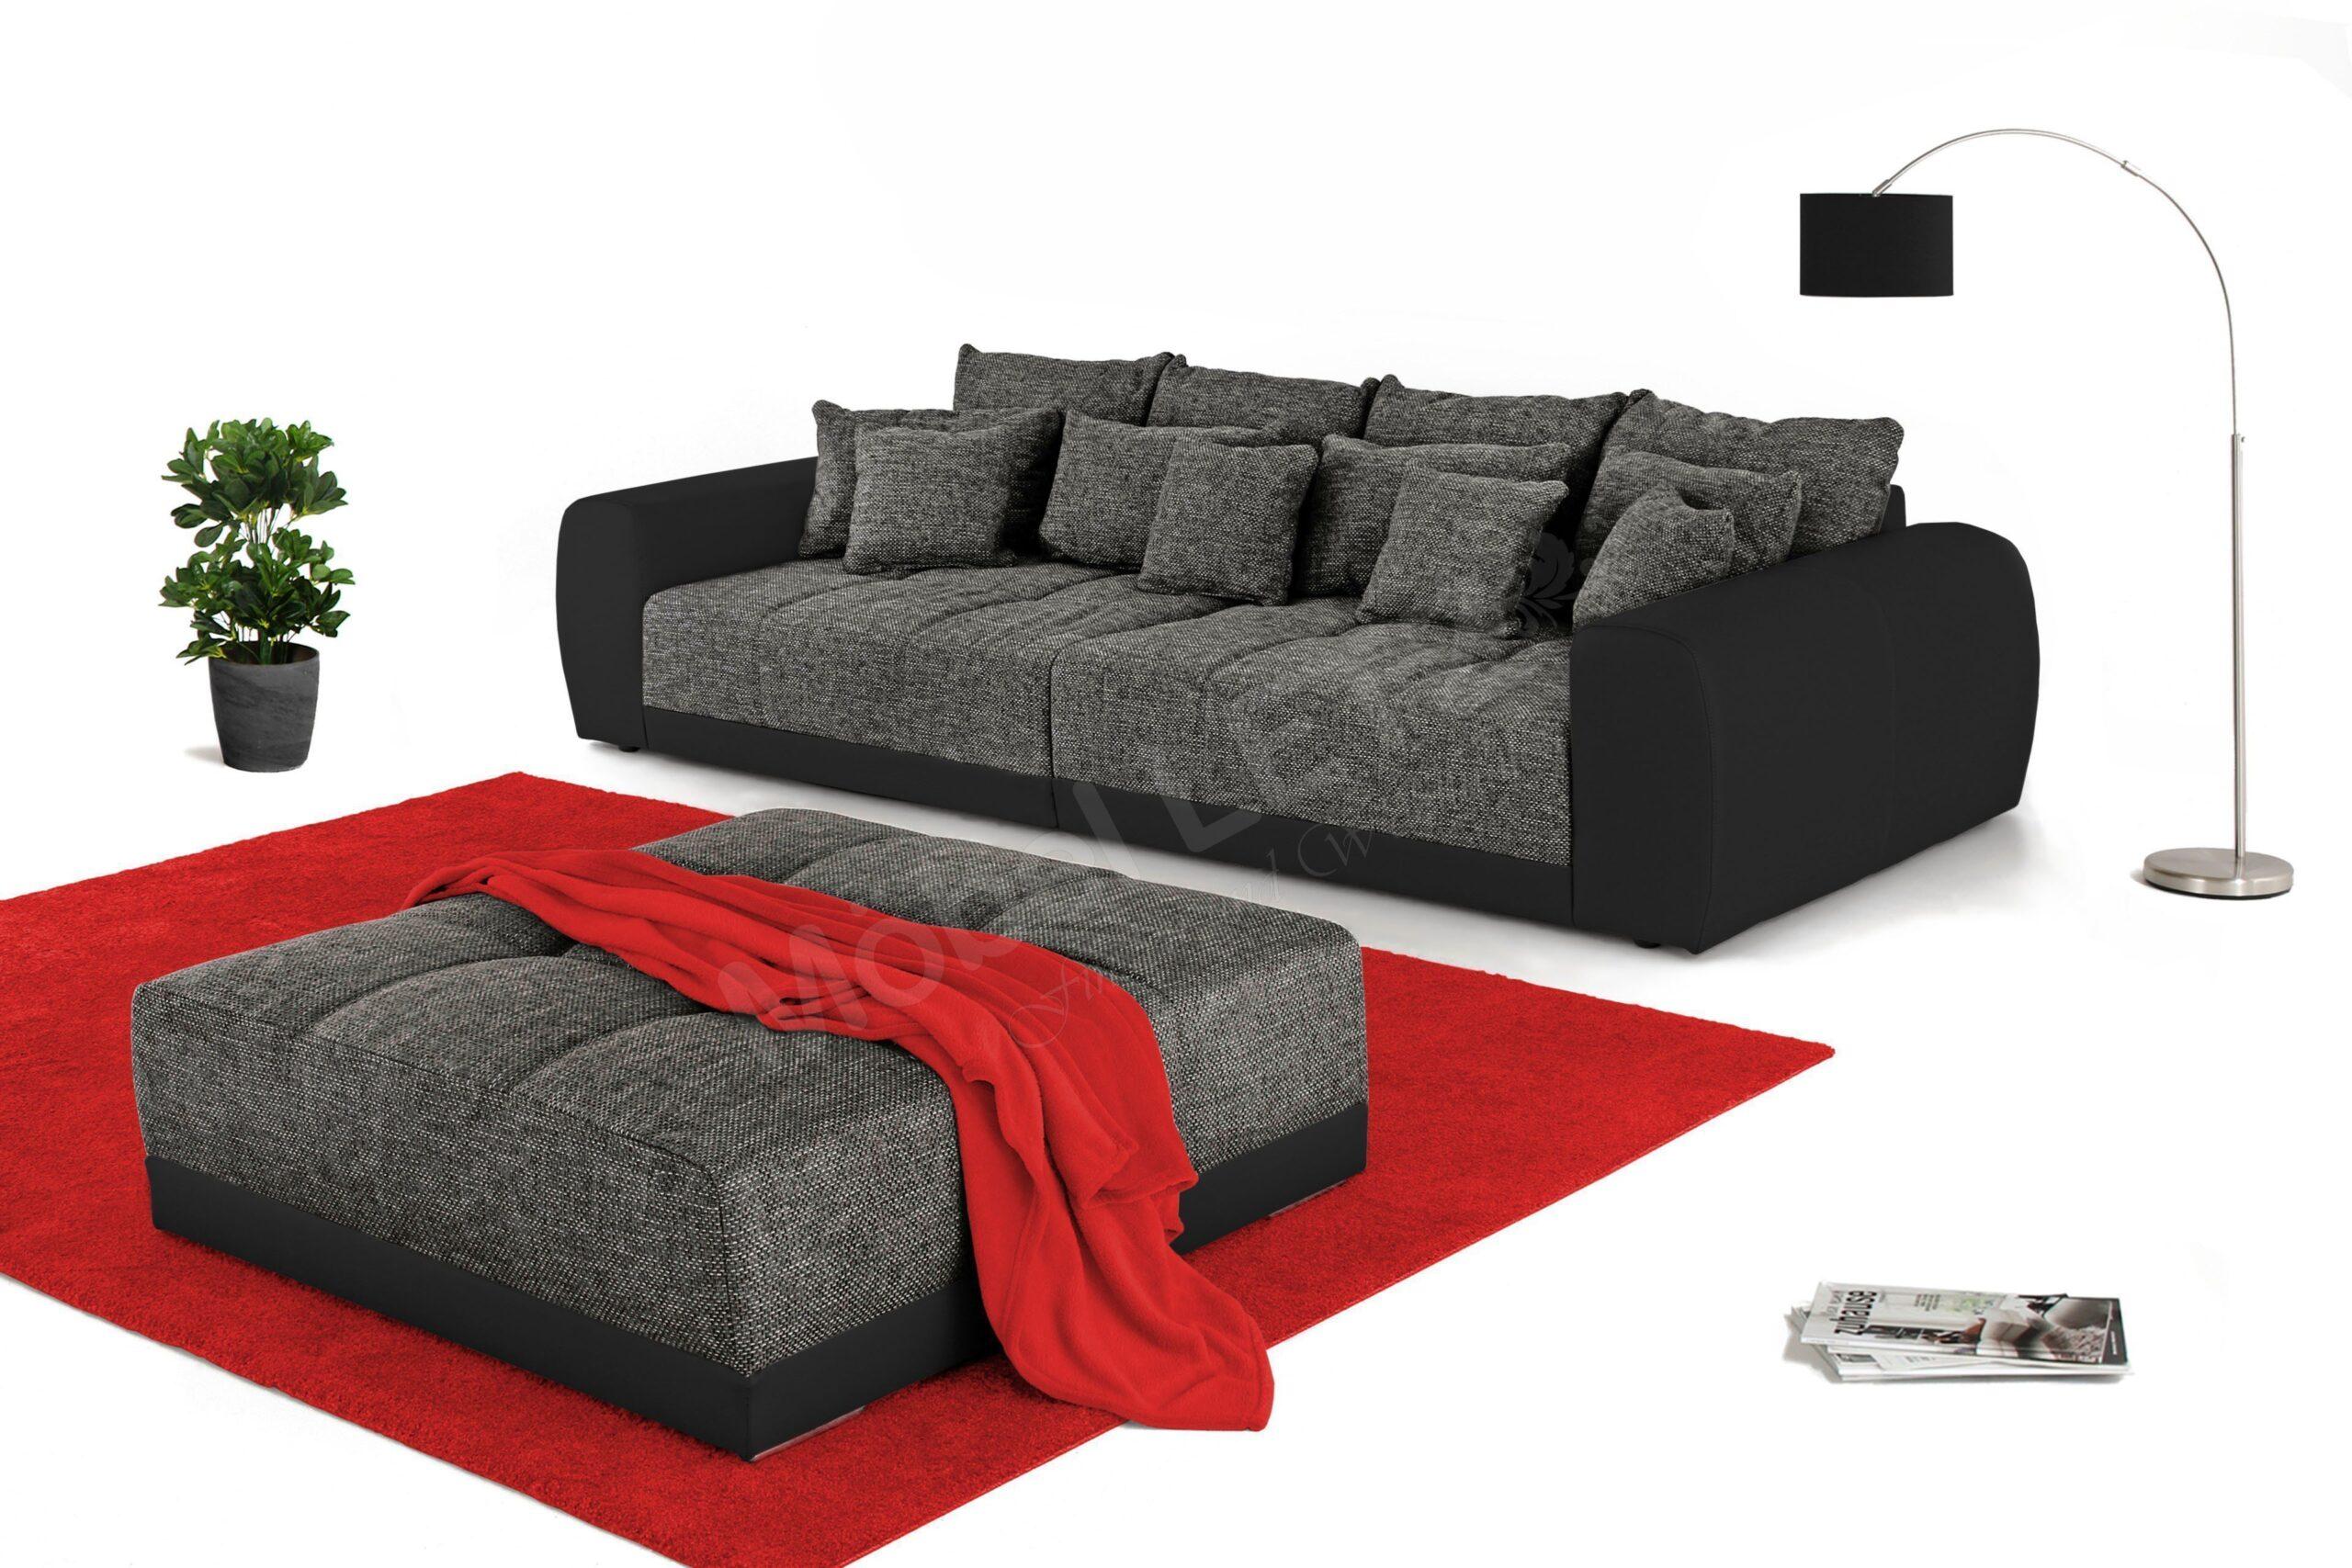 Full Size of Big Sofa Poco Schlafzimmer Komplett Ewald Schillig 3 Sitzer Mit Relaxfunktion Aus Matratzen Zweisitzer Antik Delife Blaues Günstiges Microfaser Beziehen Ikea Sofa Big Sofa Poco